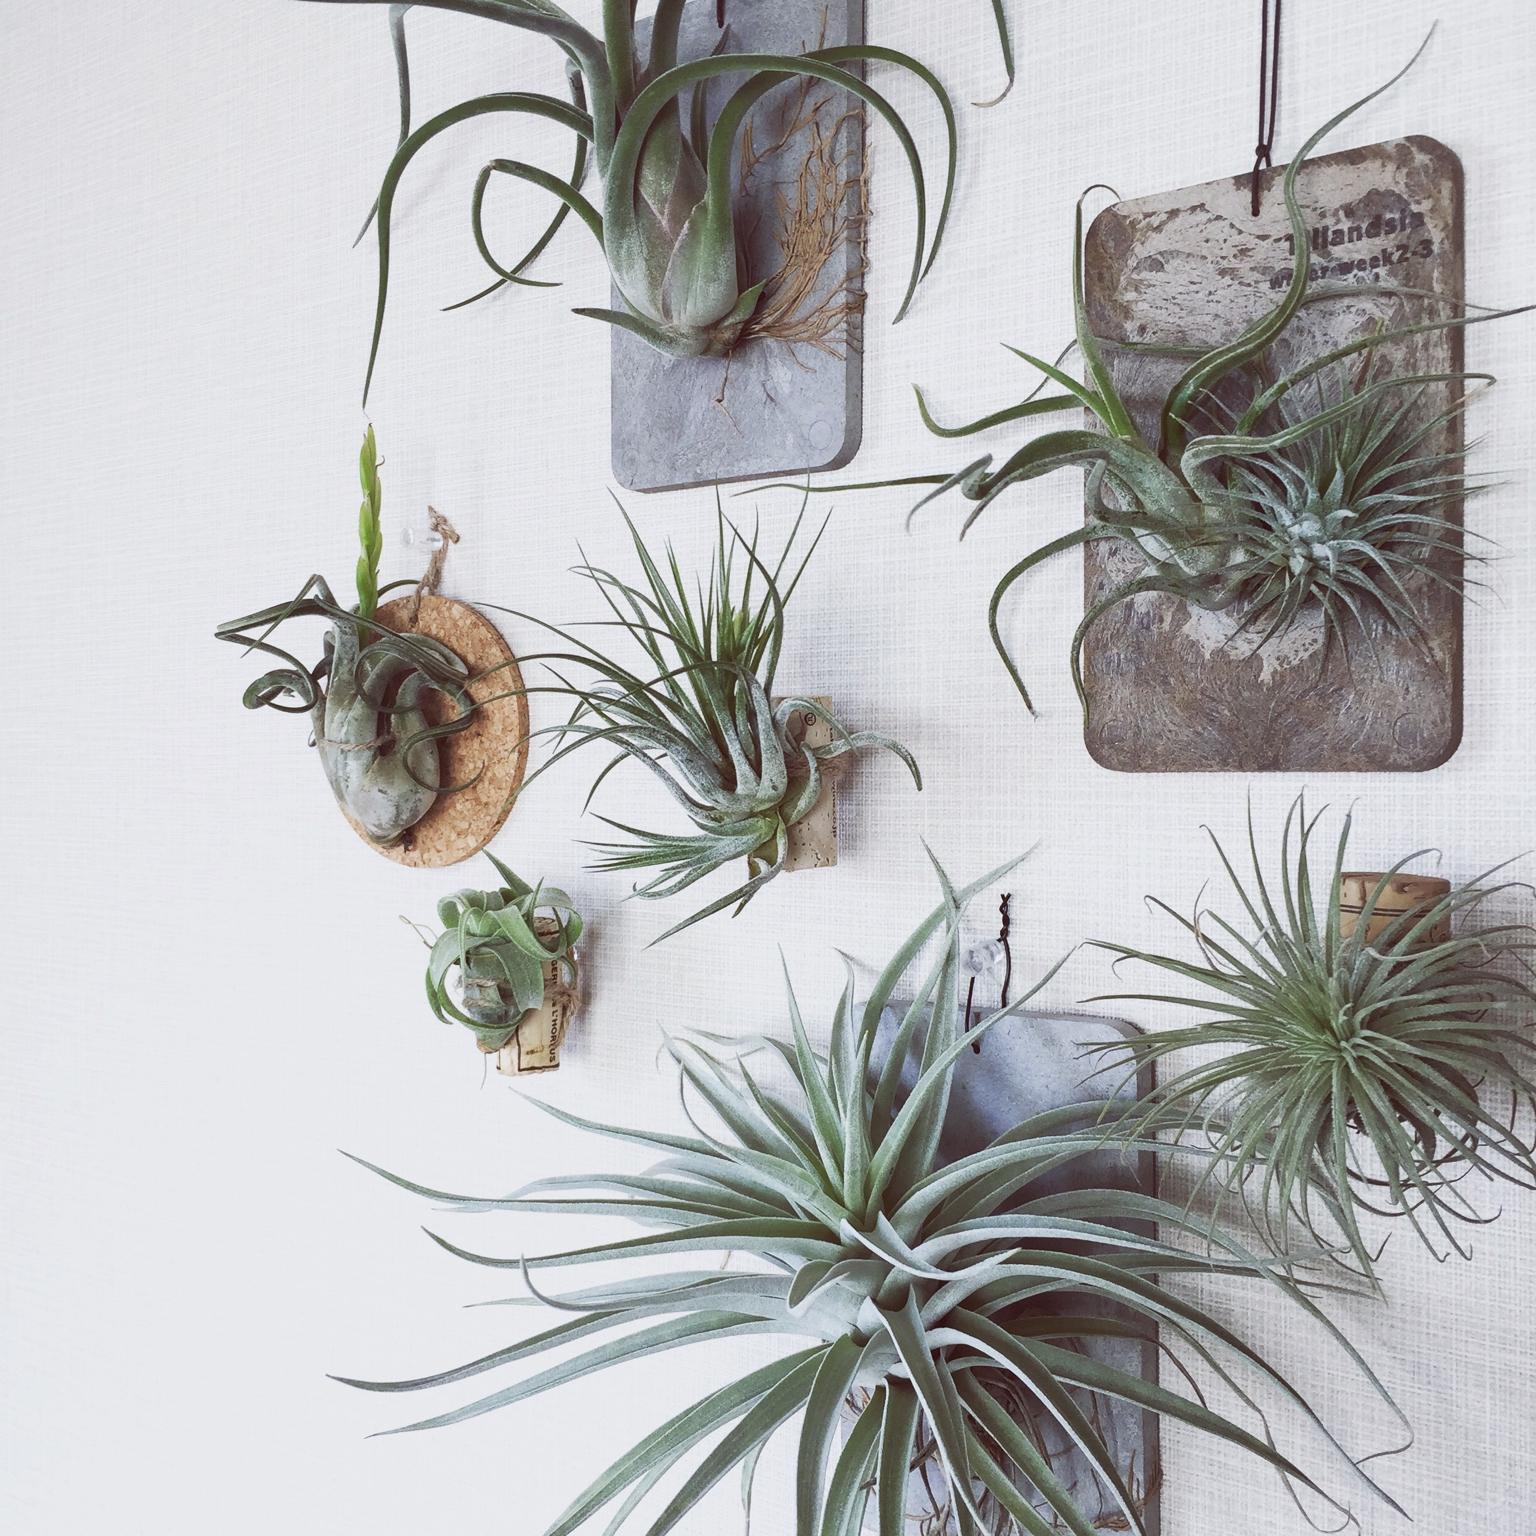 観葉植物を壁に飾り、洗練されたインテリアコーディネートを目指すのサムネイル画像